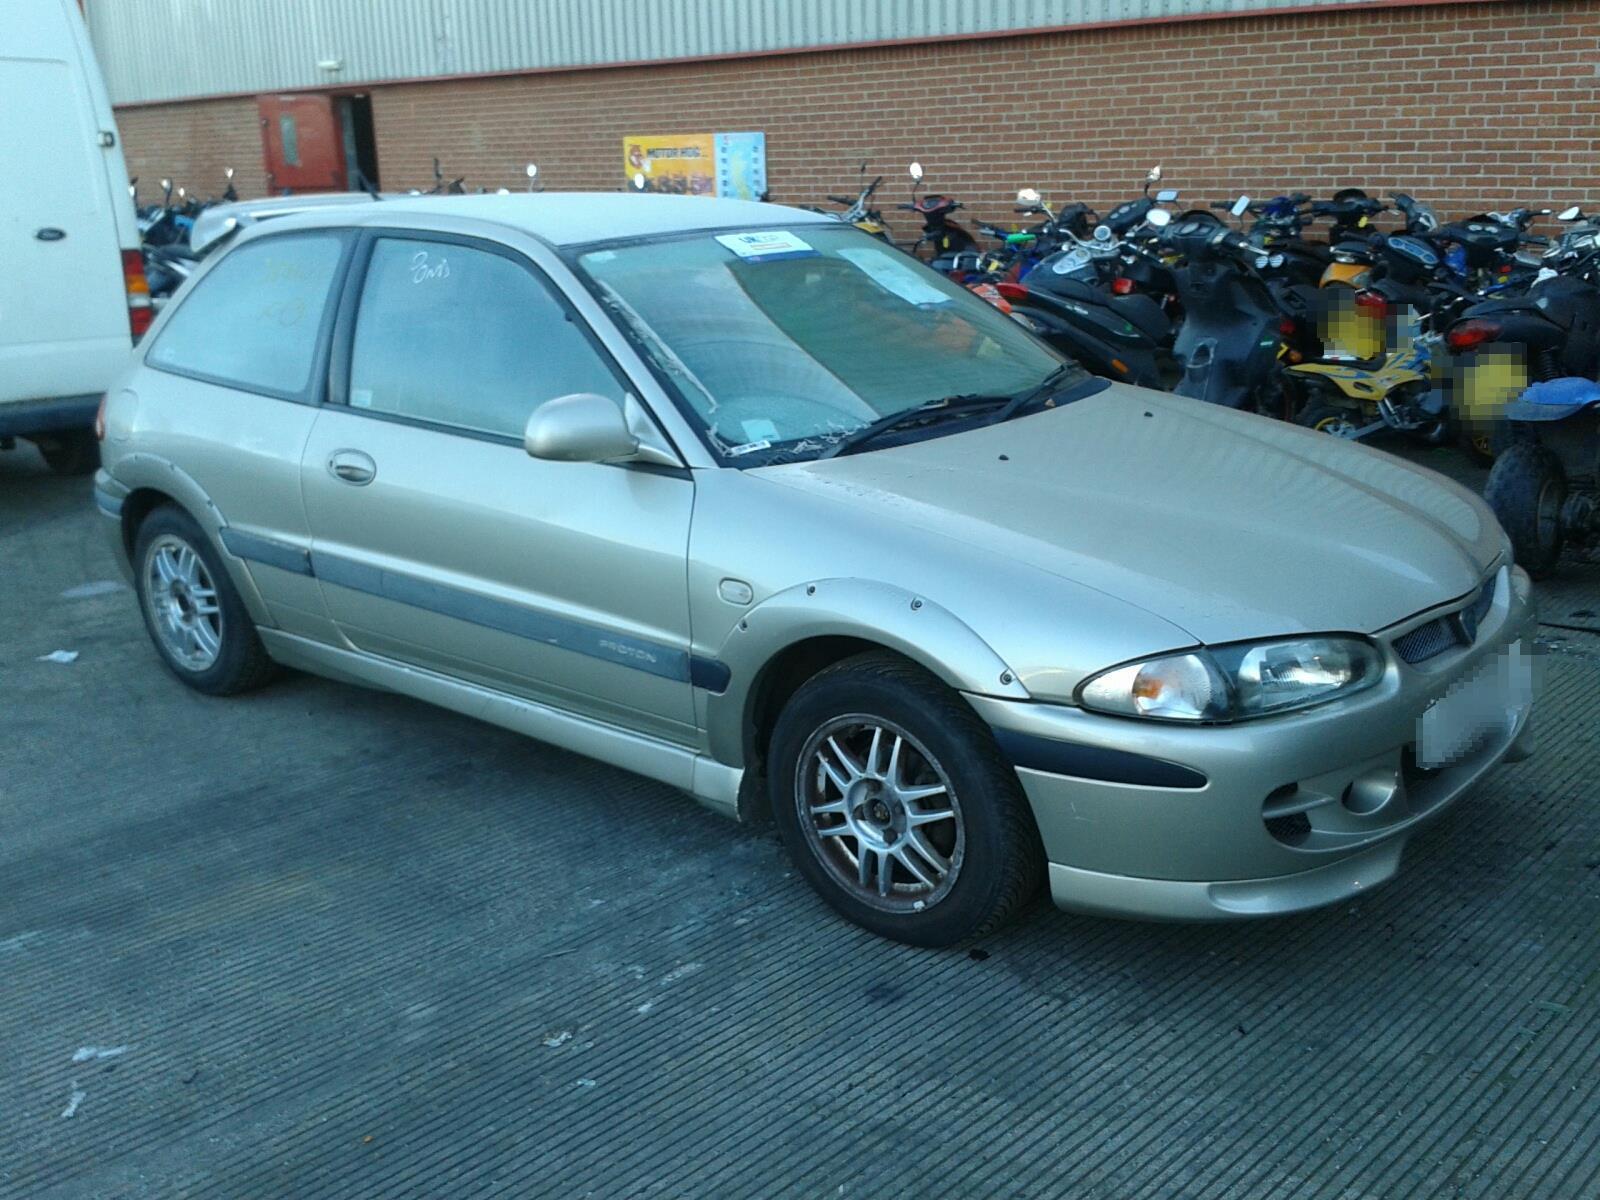 2001 Proton Satria 2000 To 2007 3 Door Hatchback (Petrol / Manual ...